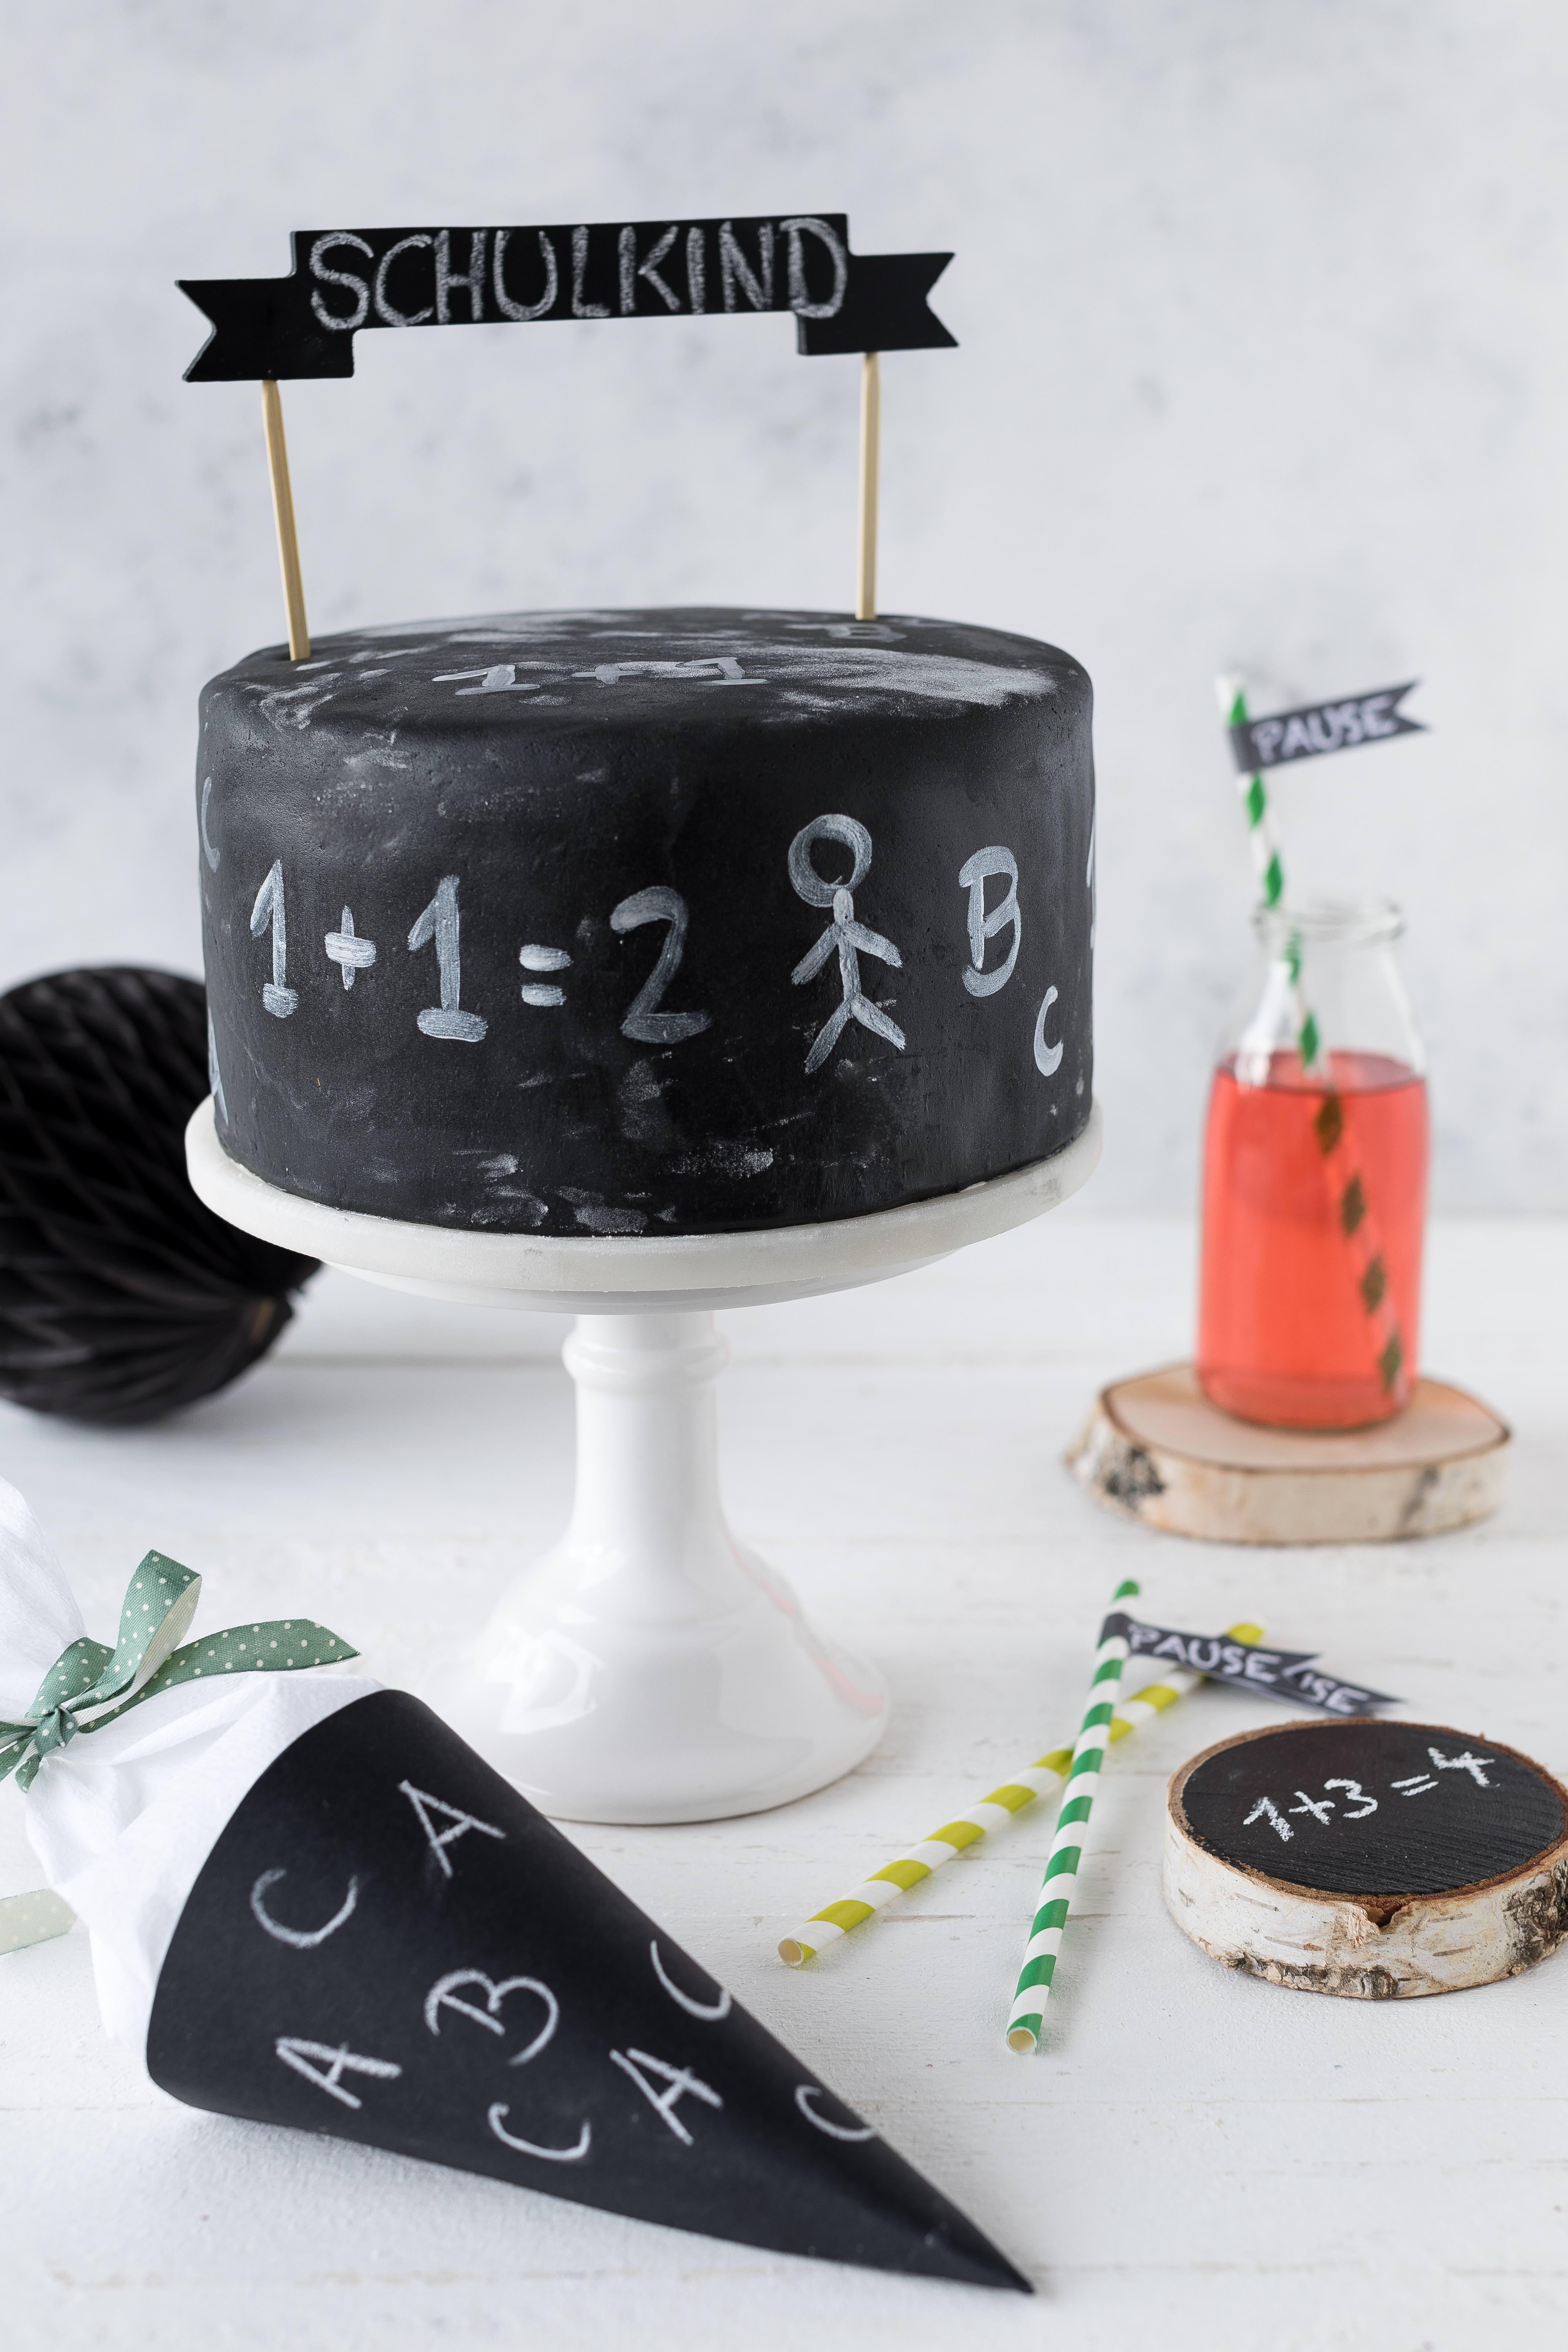 Chalkboard Torte zur Einschulung backen. Die Torte in Tafeloptik passt wunderbar zum 1. Schultag oder auch Ende der Studienzeit. #chalkboard #einschulung #torte #schule #diy Emmas Lieblingsstücke